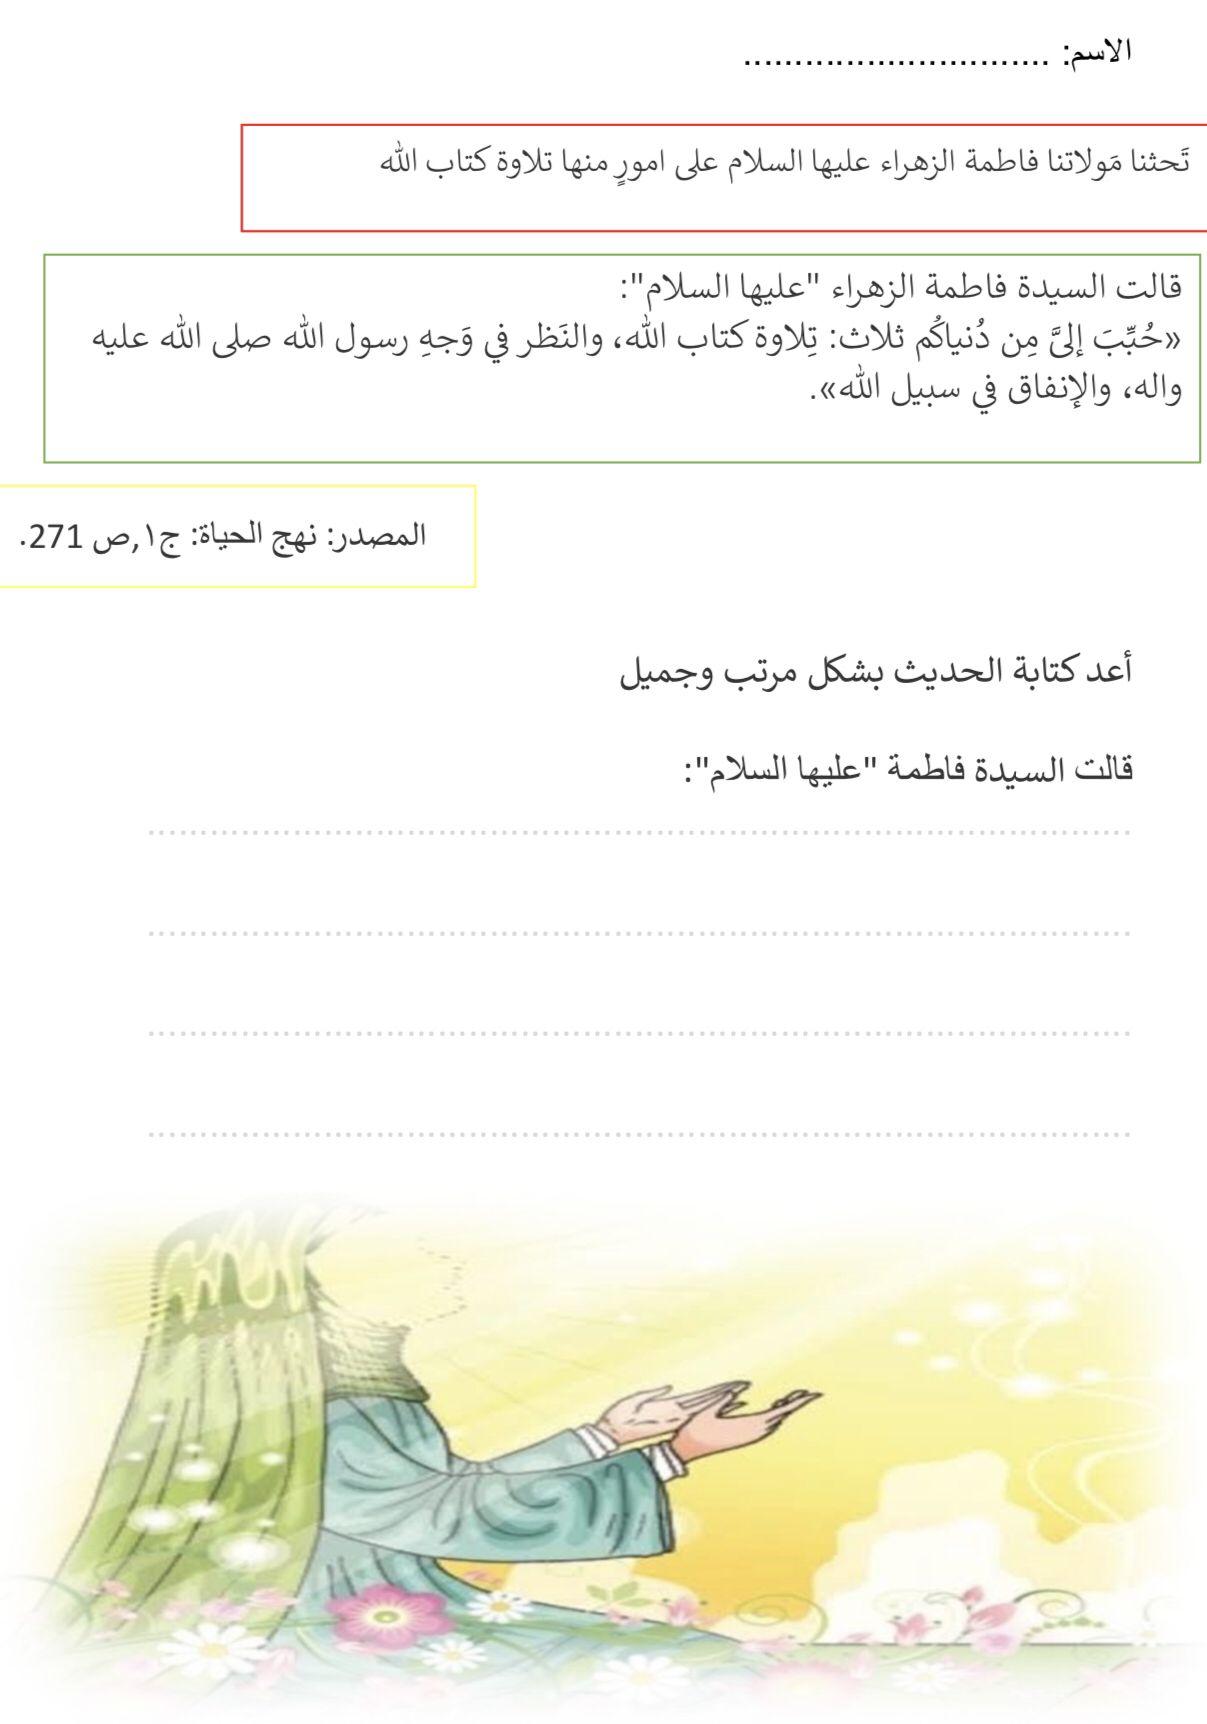 احاديث فاطمة الزهراء Arabic Worksheets Muharram Exercise For Kids